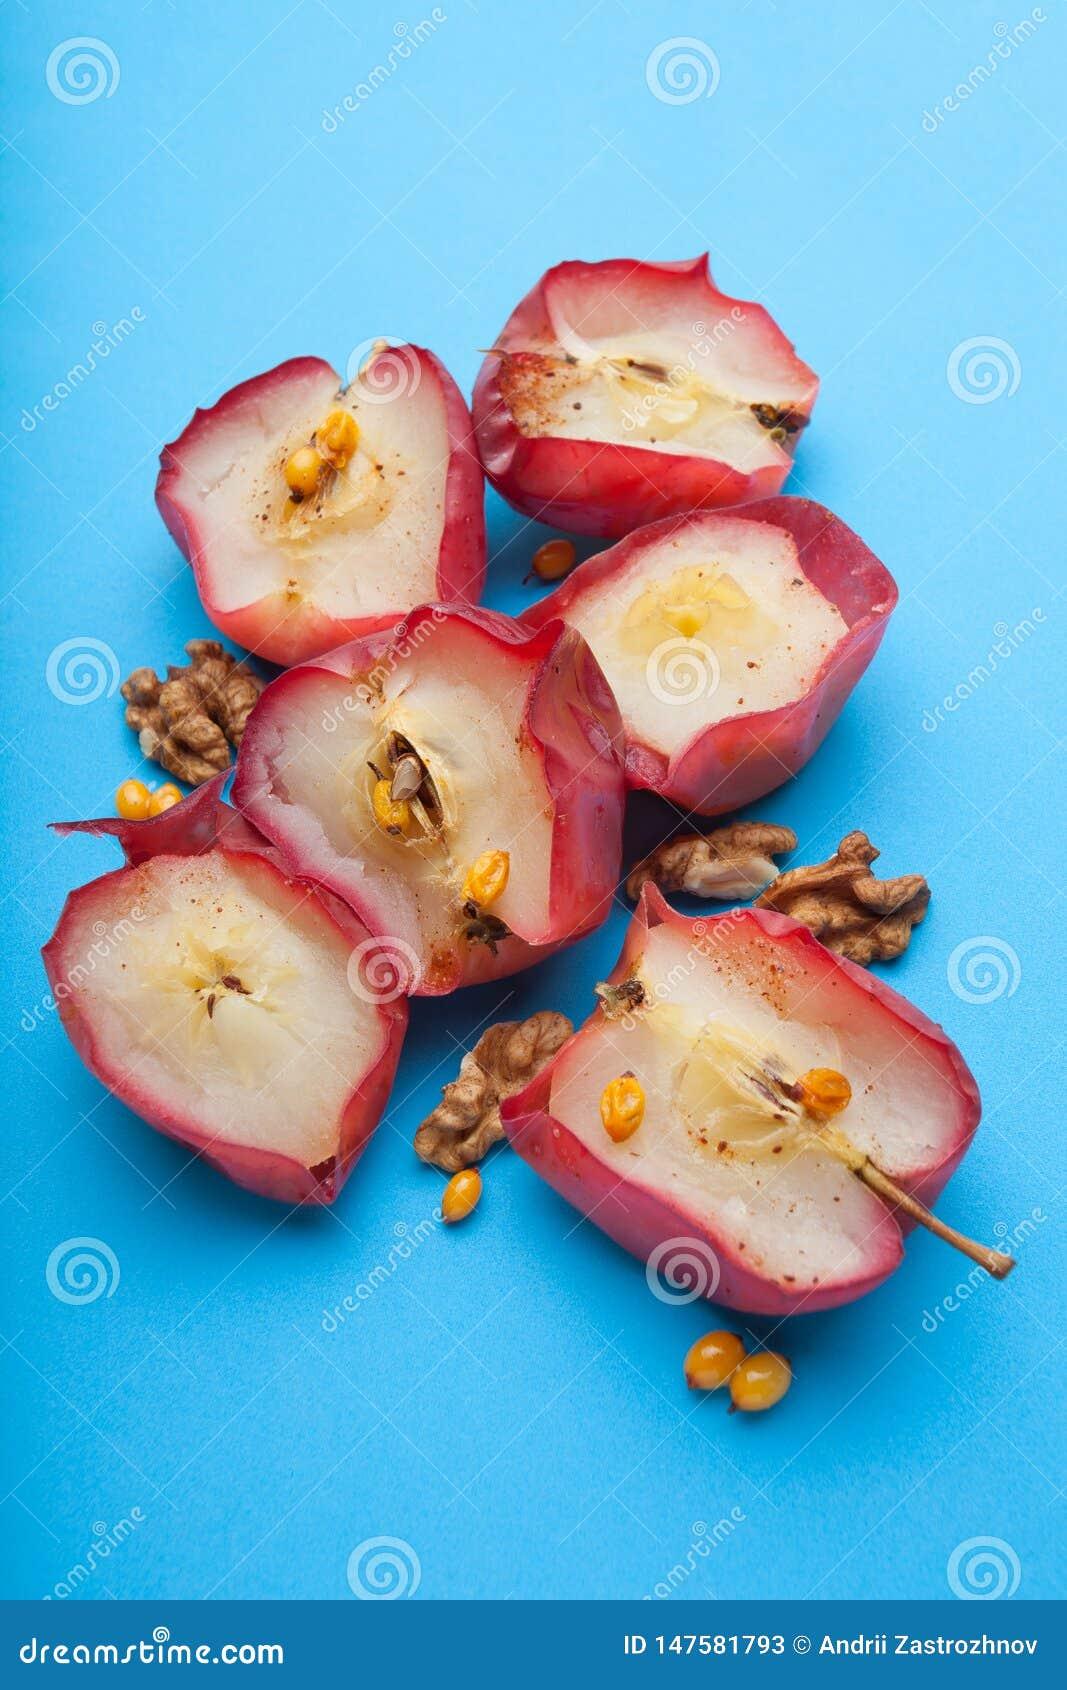 Nourriture saine pour la perte de poids des pommes cuites au four rouges avec les écrous et le vinaigre sur un fond bleu, vertica